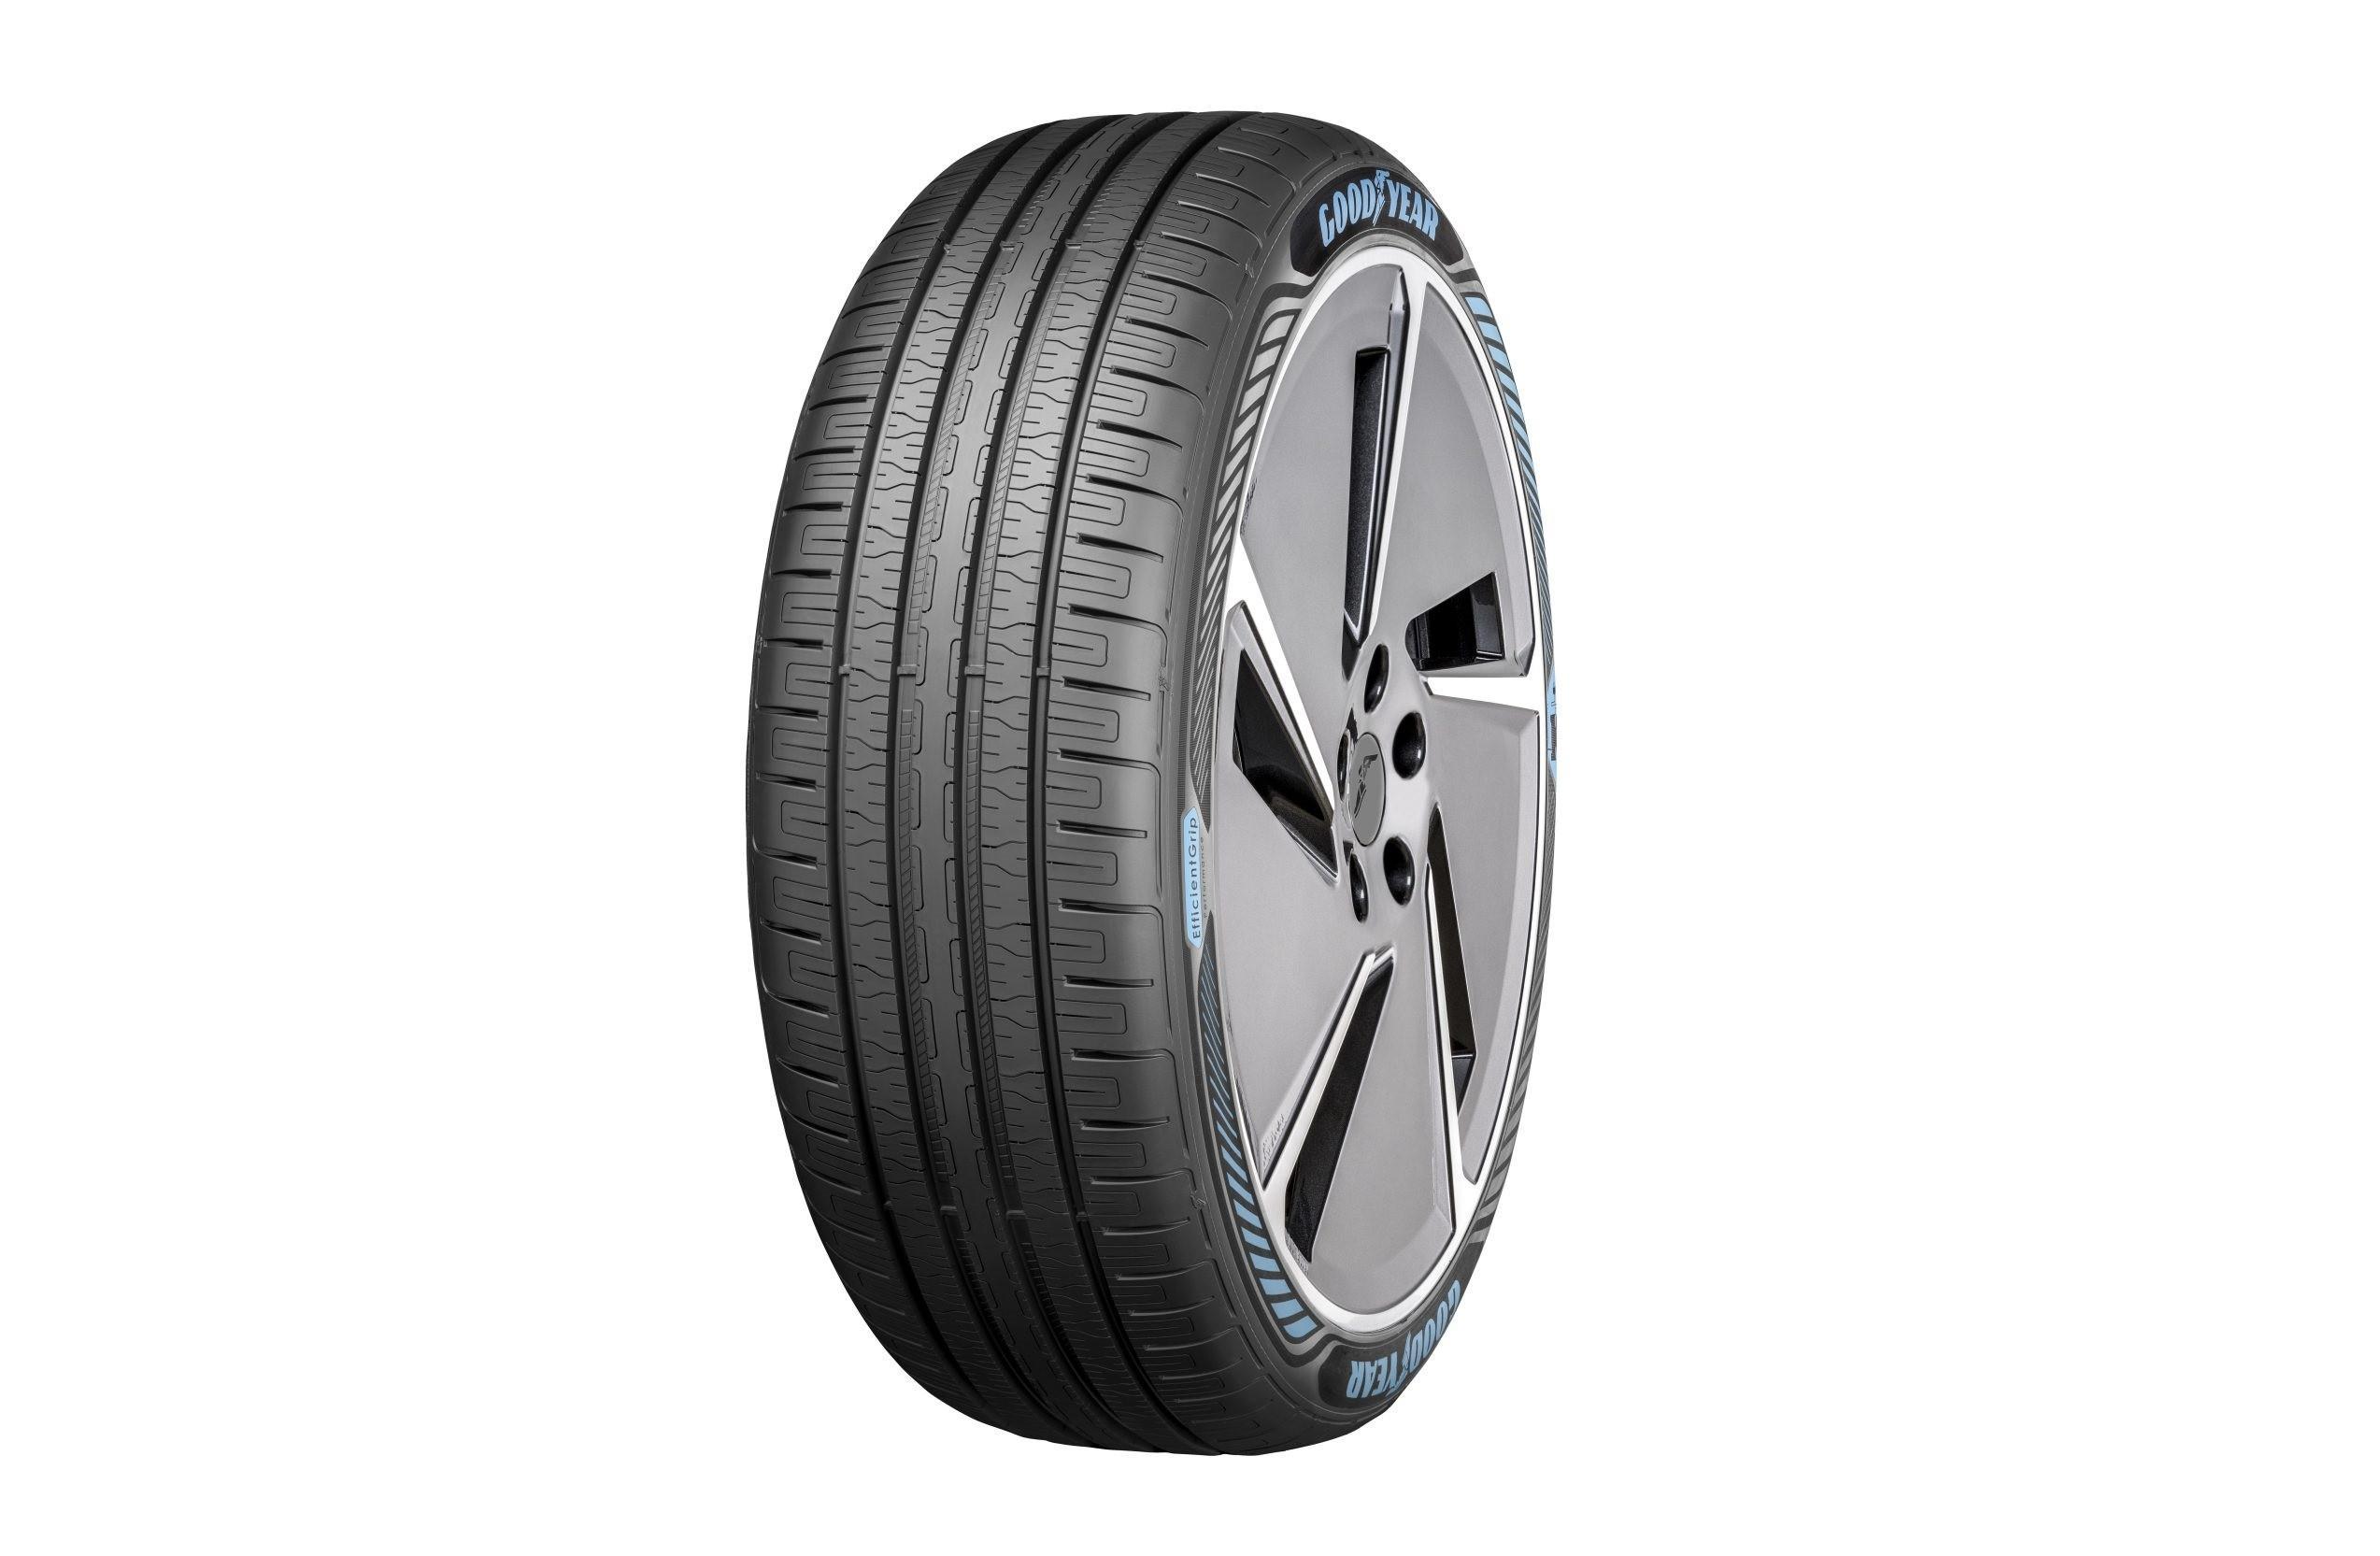 Как работает новая шина Goodyear EV? (видео)